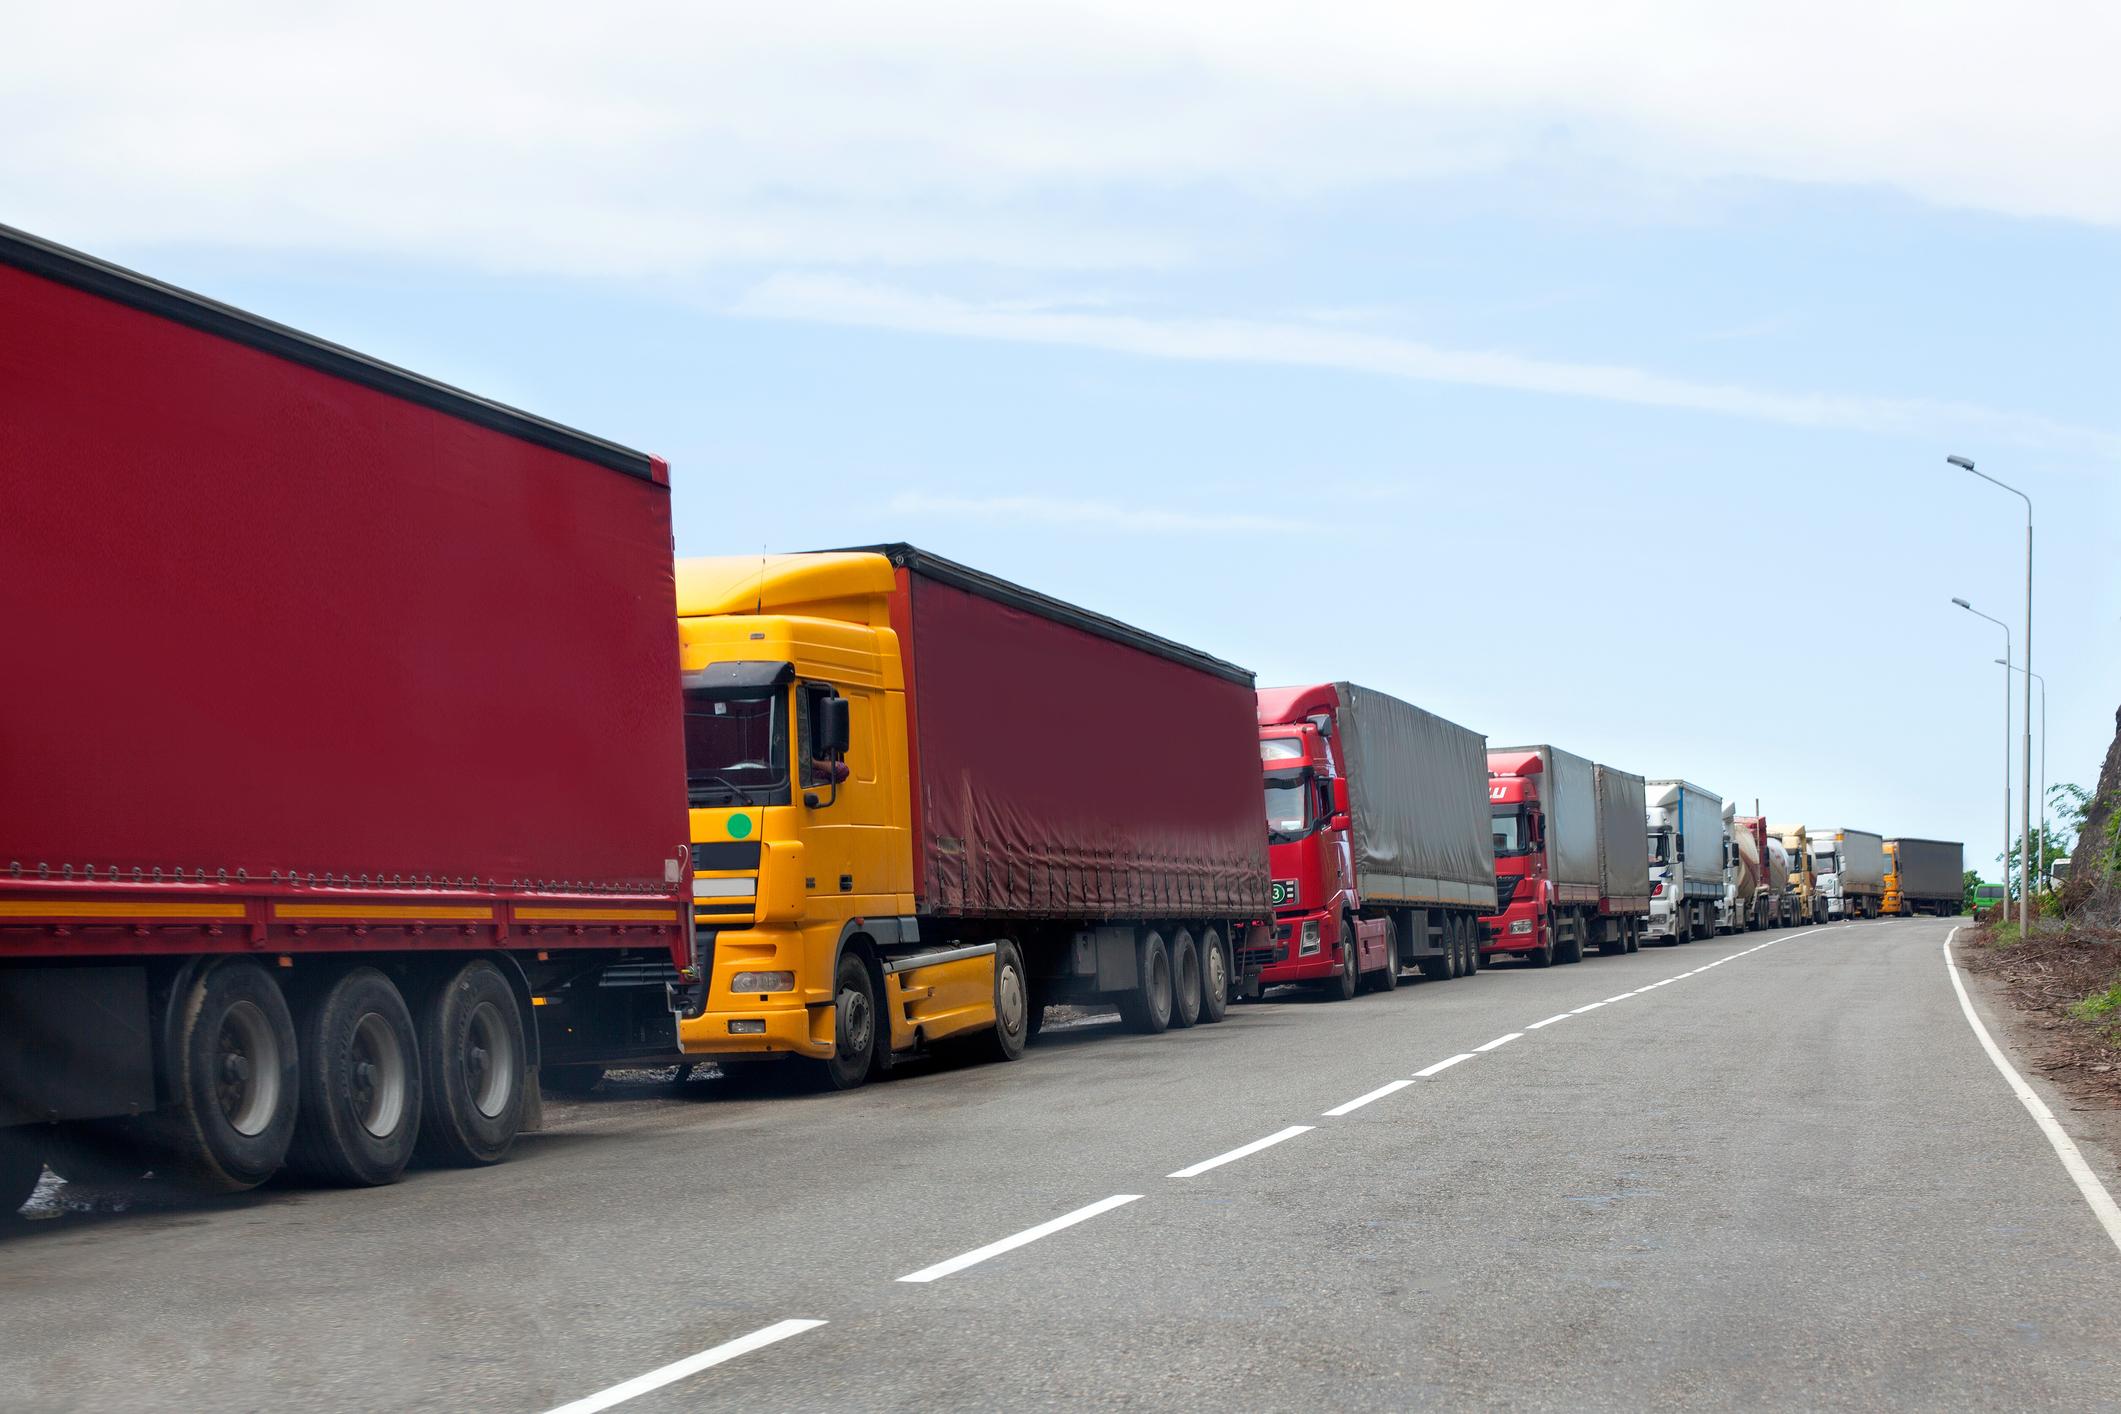 Queue of trucks